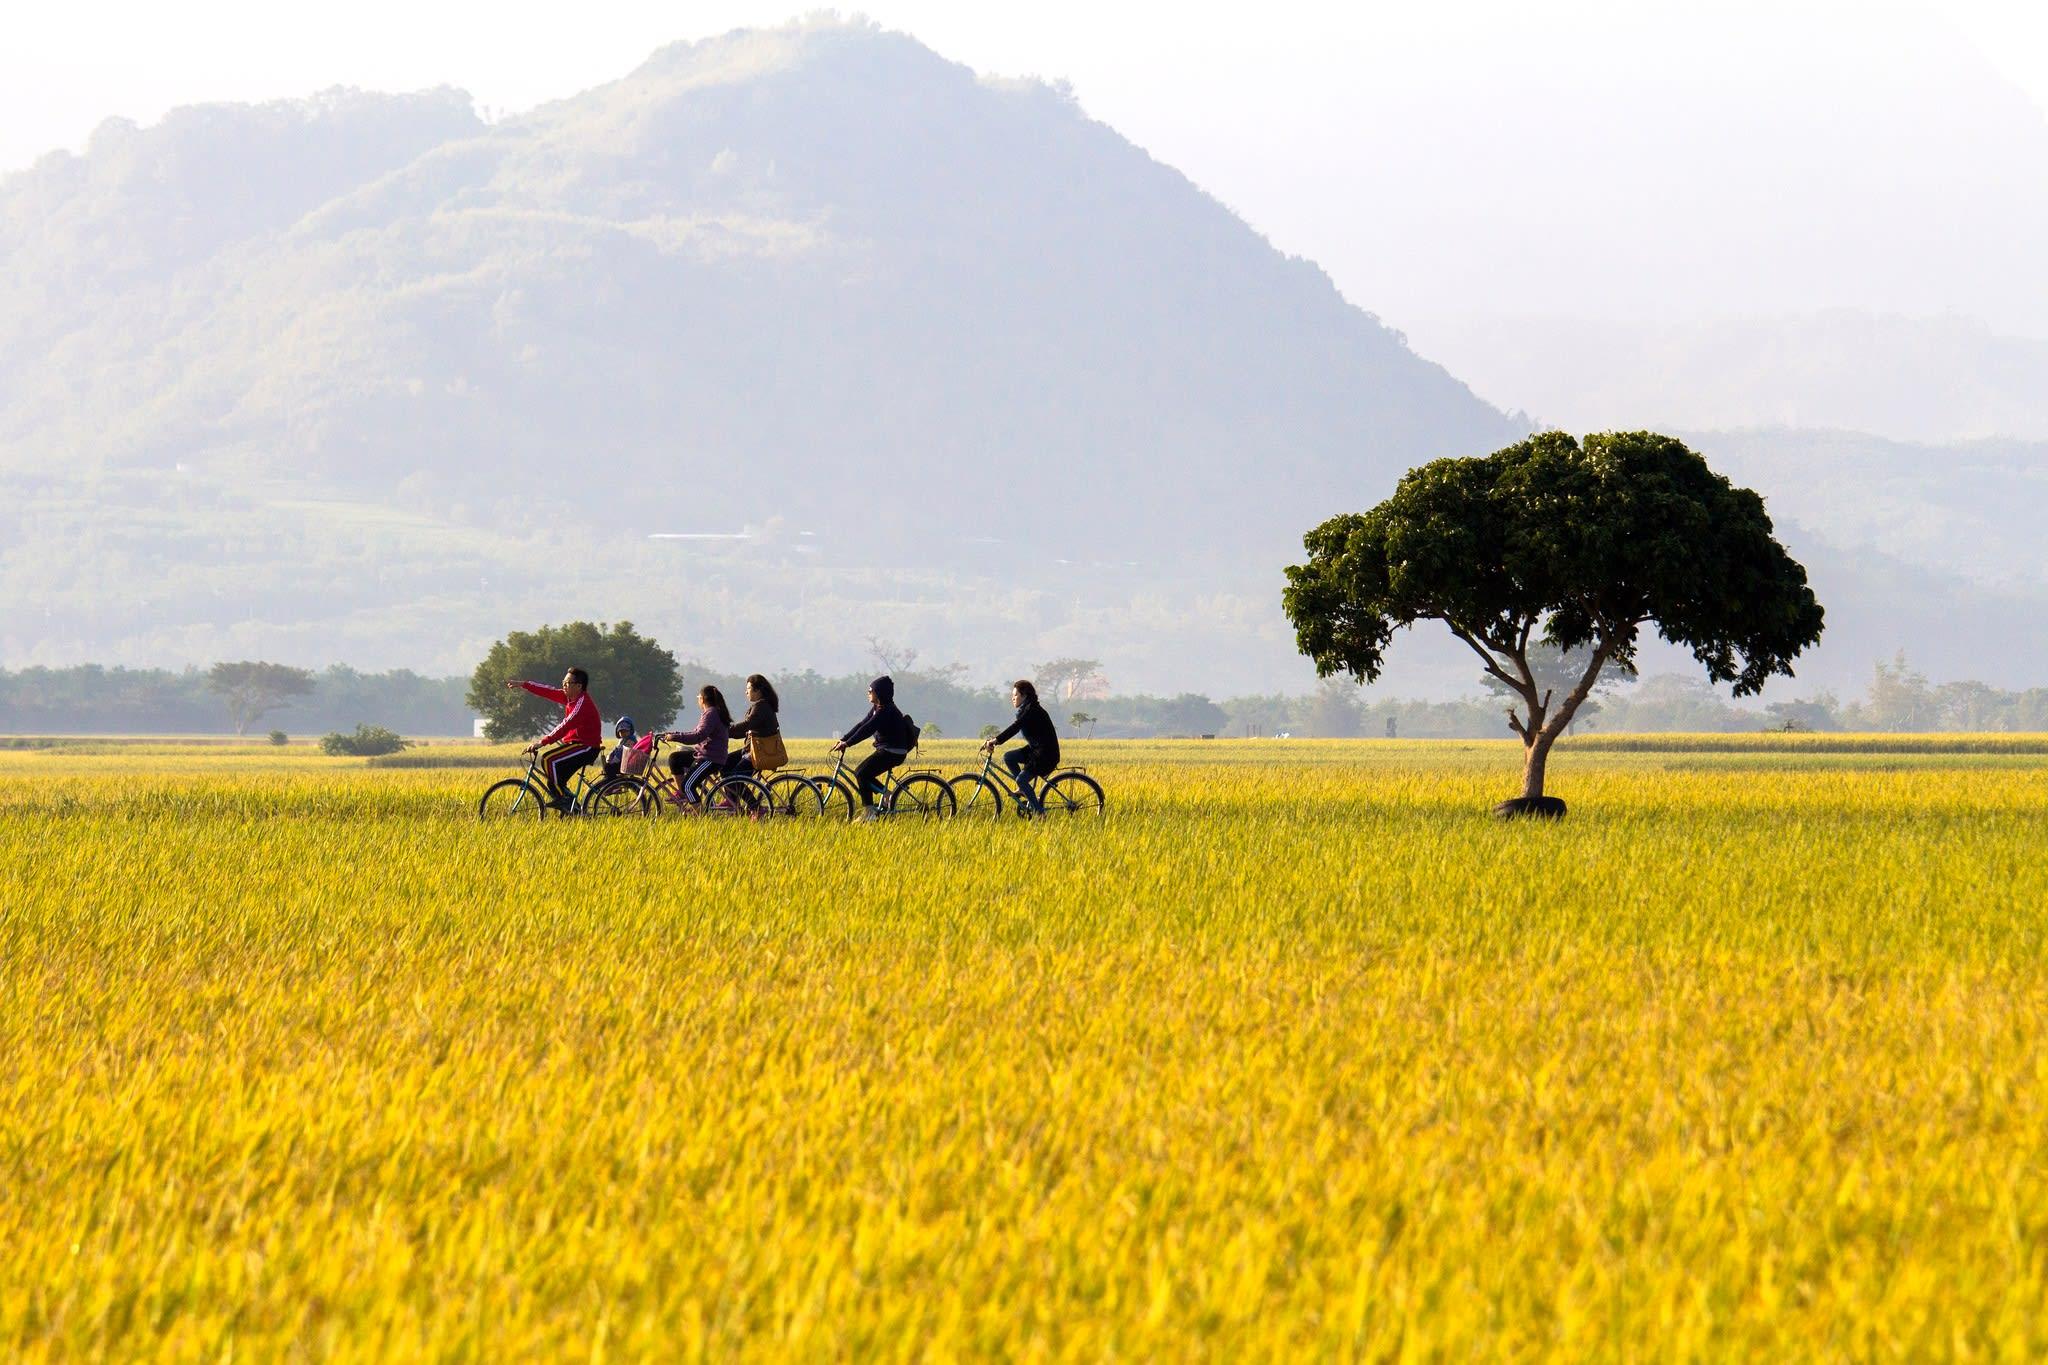 騎著單車漫遊伯朗大道,感受被金黃稻田簇擁的美好氛圍。(Flickr授權作者-Vincent Chien)